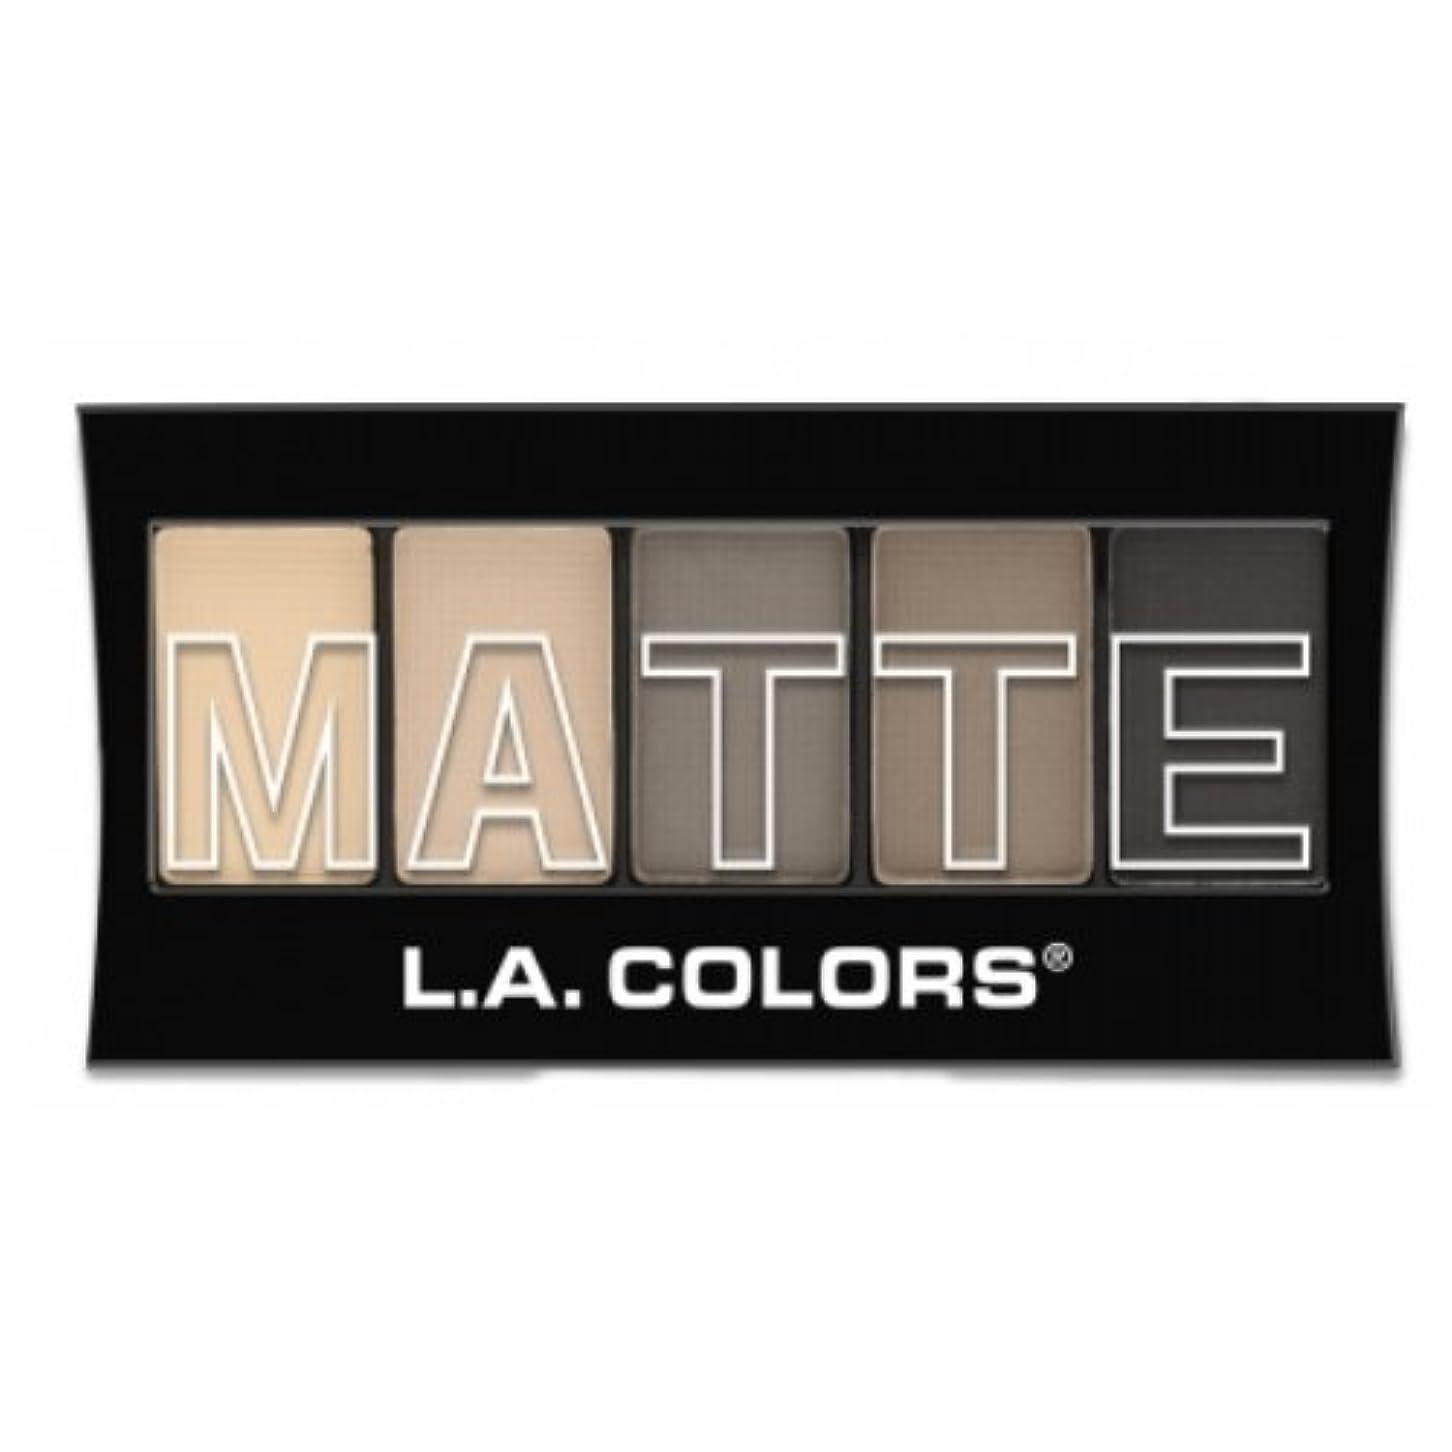 予測するデモンストレーションむしろ(3 Pack) L.A. Colors Matte Eyeshadow - Nude Suede (並行輸入品)